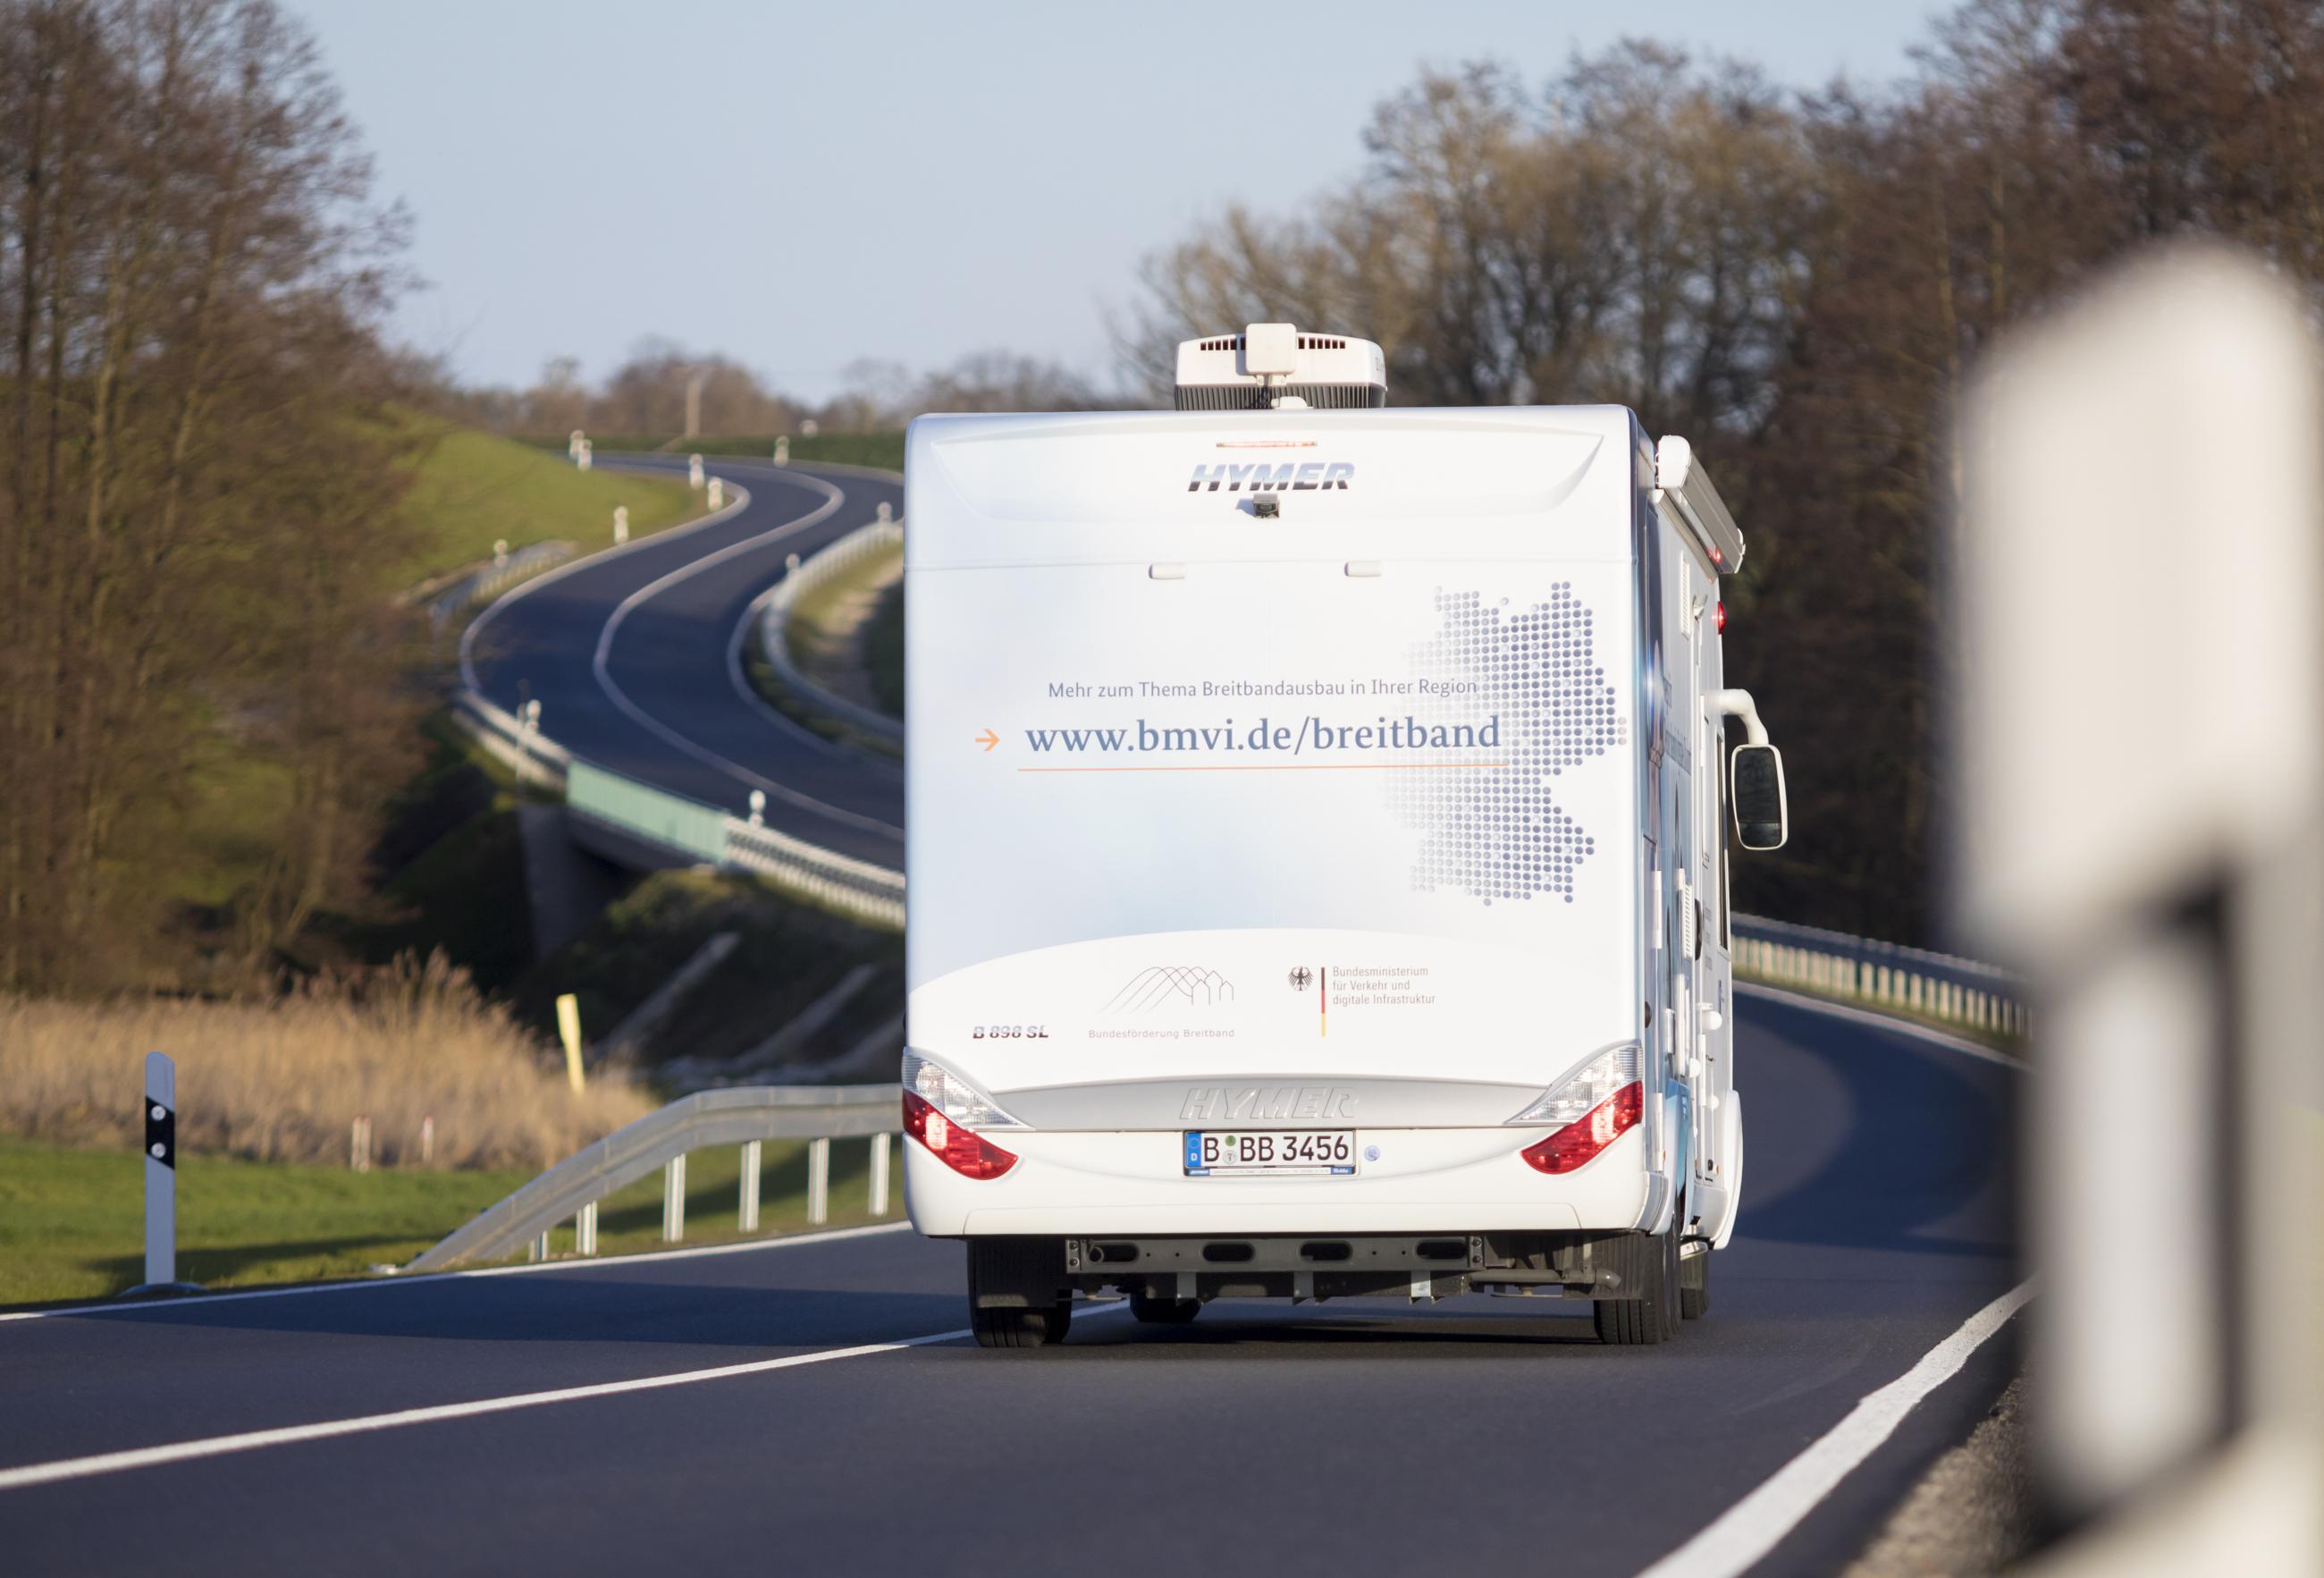 Unterwegs für Deutschlands digitale Zukunft in Neubrandenburg